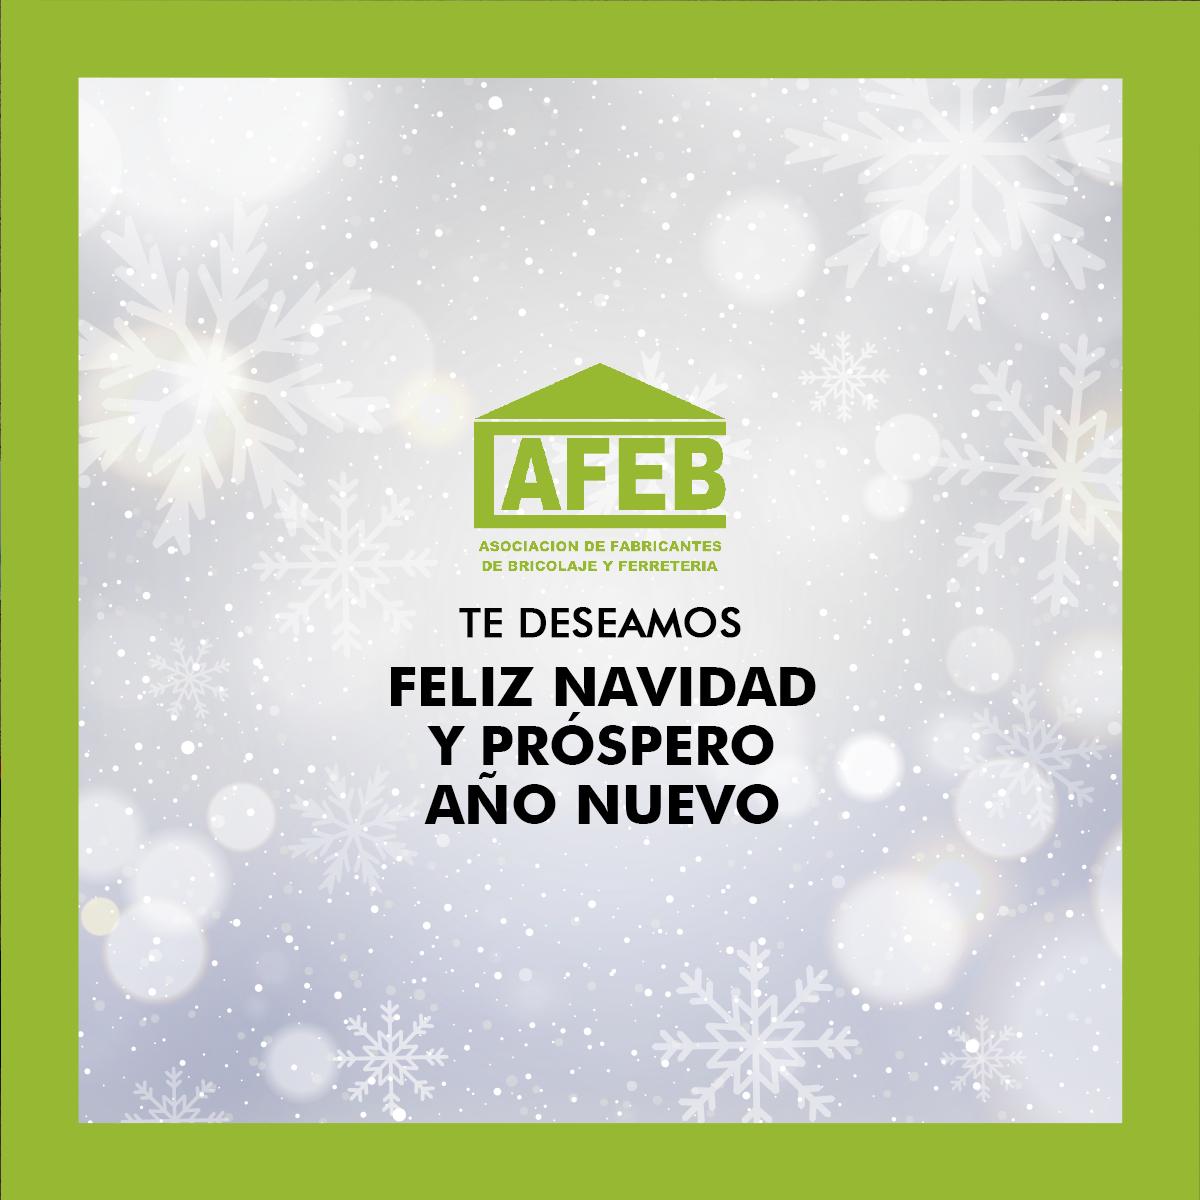 ¡Feliz Navidad y Próspero 2021!